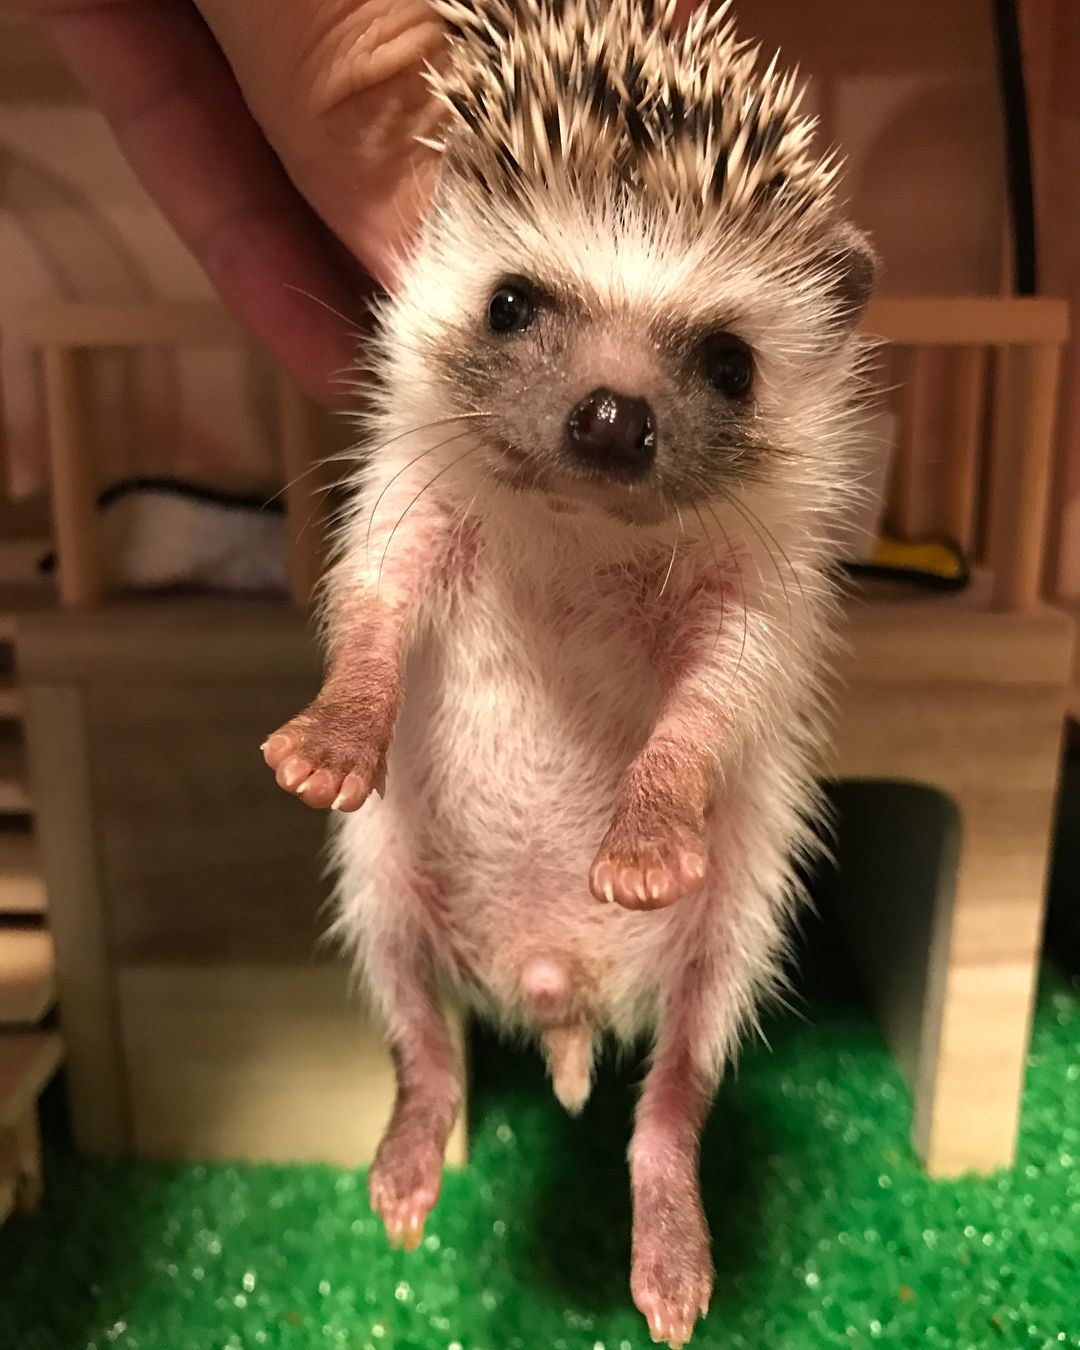 長女のチョコちゃんは顔が黒くて目が大きくてとってもかわいい はりねずみ ハリネズミ Hedgehog Hedgie 刺猬 刺蝟 고슴도치 Igel Erizo Riccio Ezh Herisson Animal Animals Hedgehog Ferret